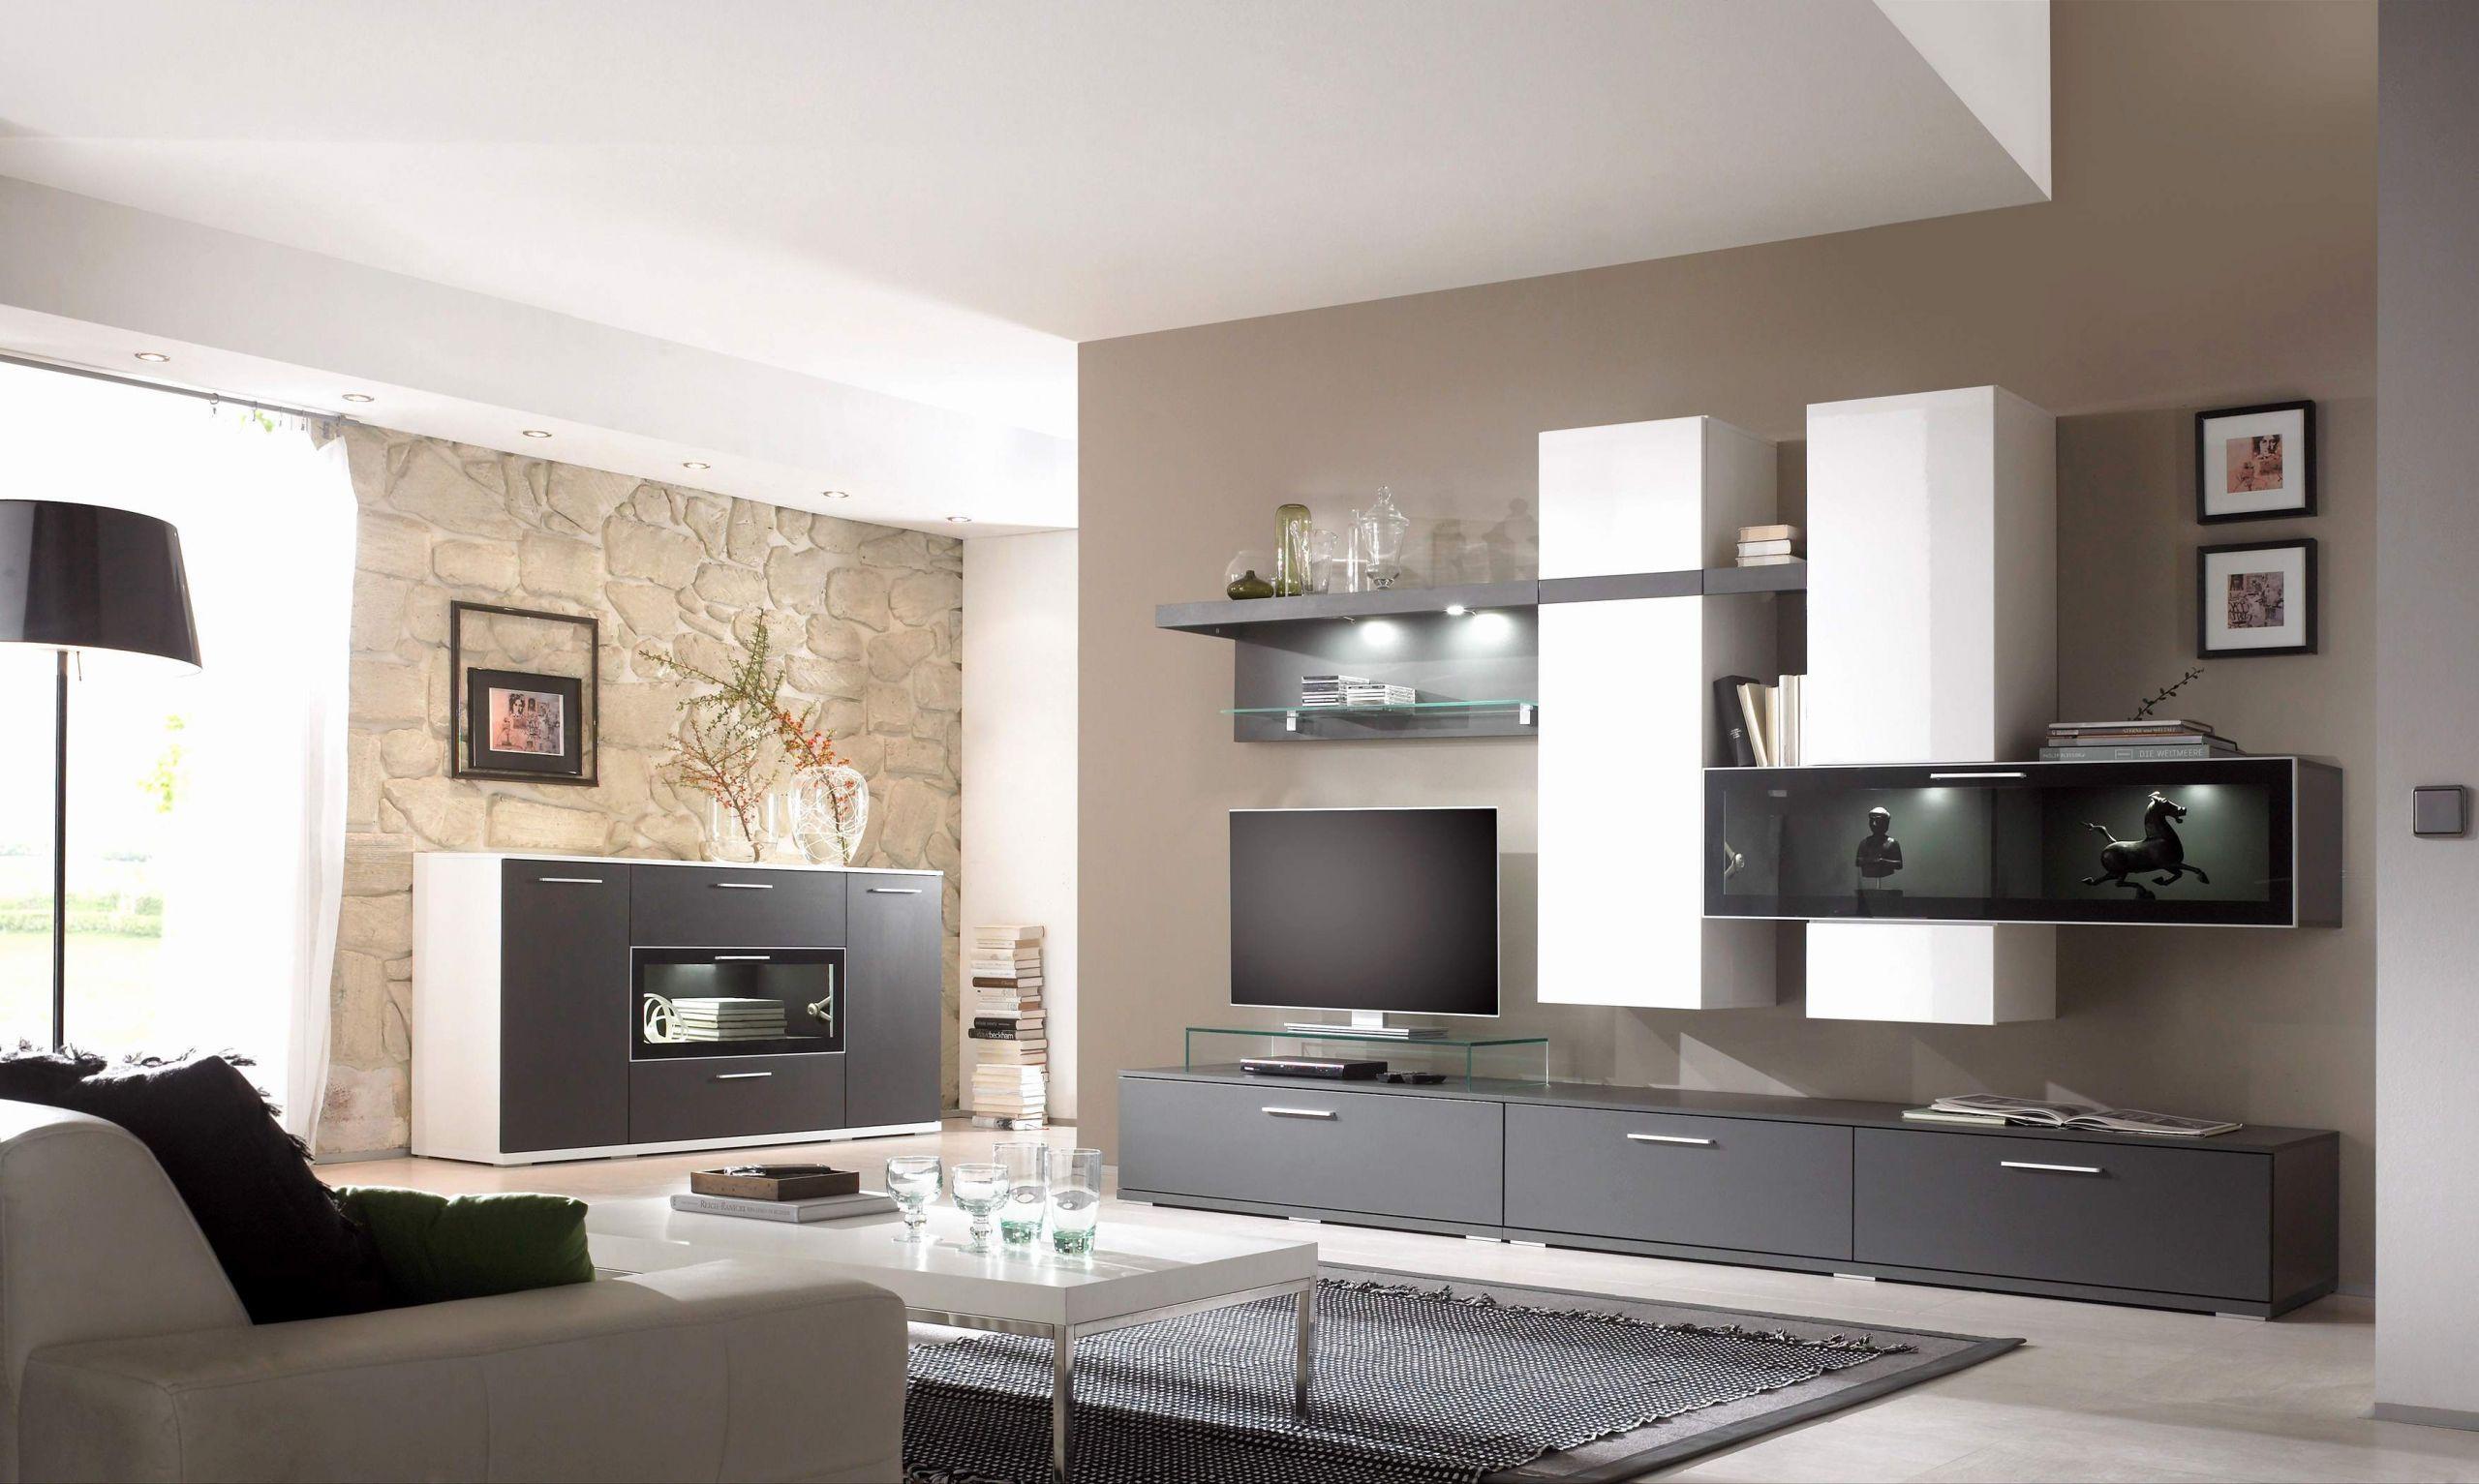 farben fur wohnzimmer genial neu bilder furs wohnzimmer of farben fur wohnzimmer